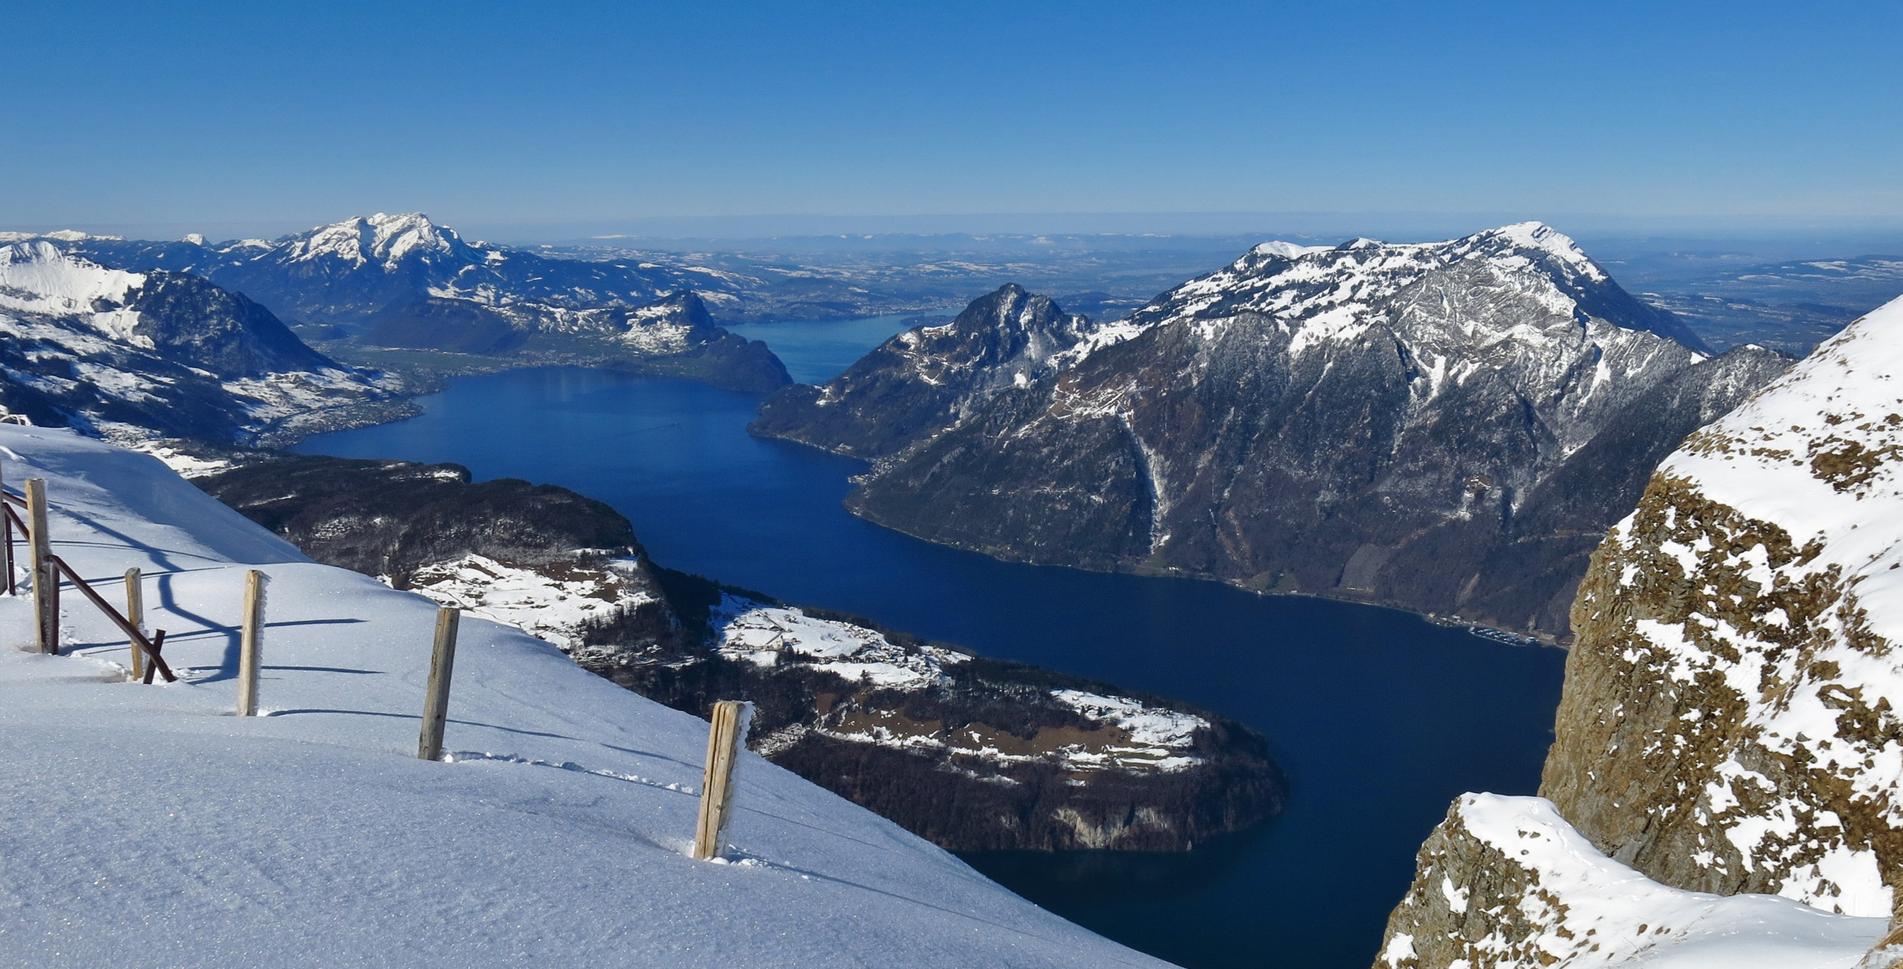 Die 10 schönsten Winterwanderungen in der Schweiz wie zum Besipel die Winterwanderung auf dem Stoos Fronalpstock